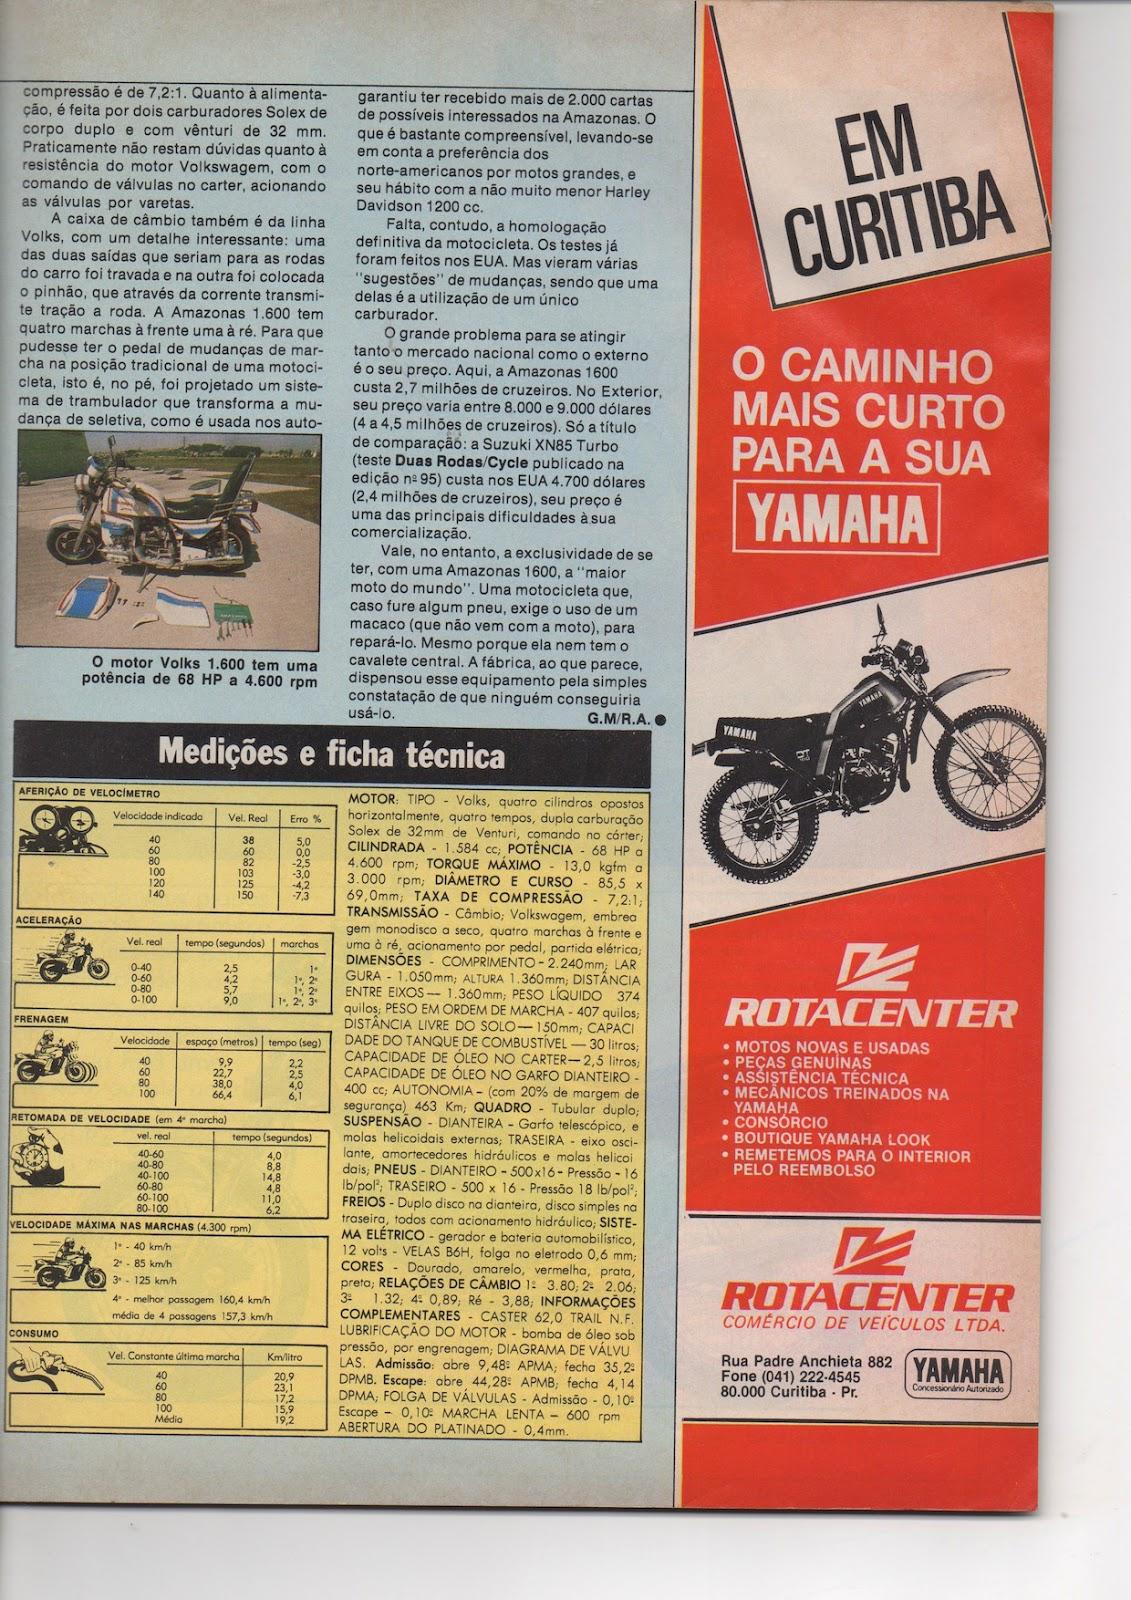 Arquivo%2BEscaneado%2B21 - ARQUIVO: TESTE COMPLETO AMAZONAS 1600